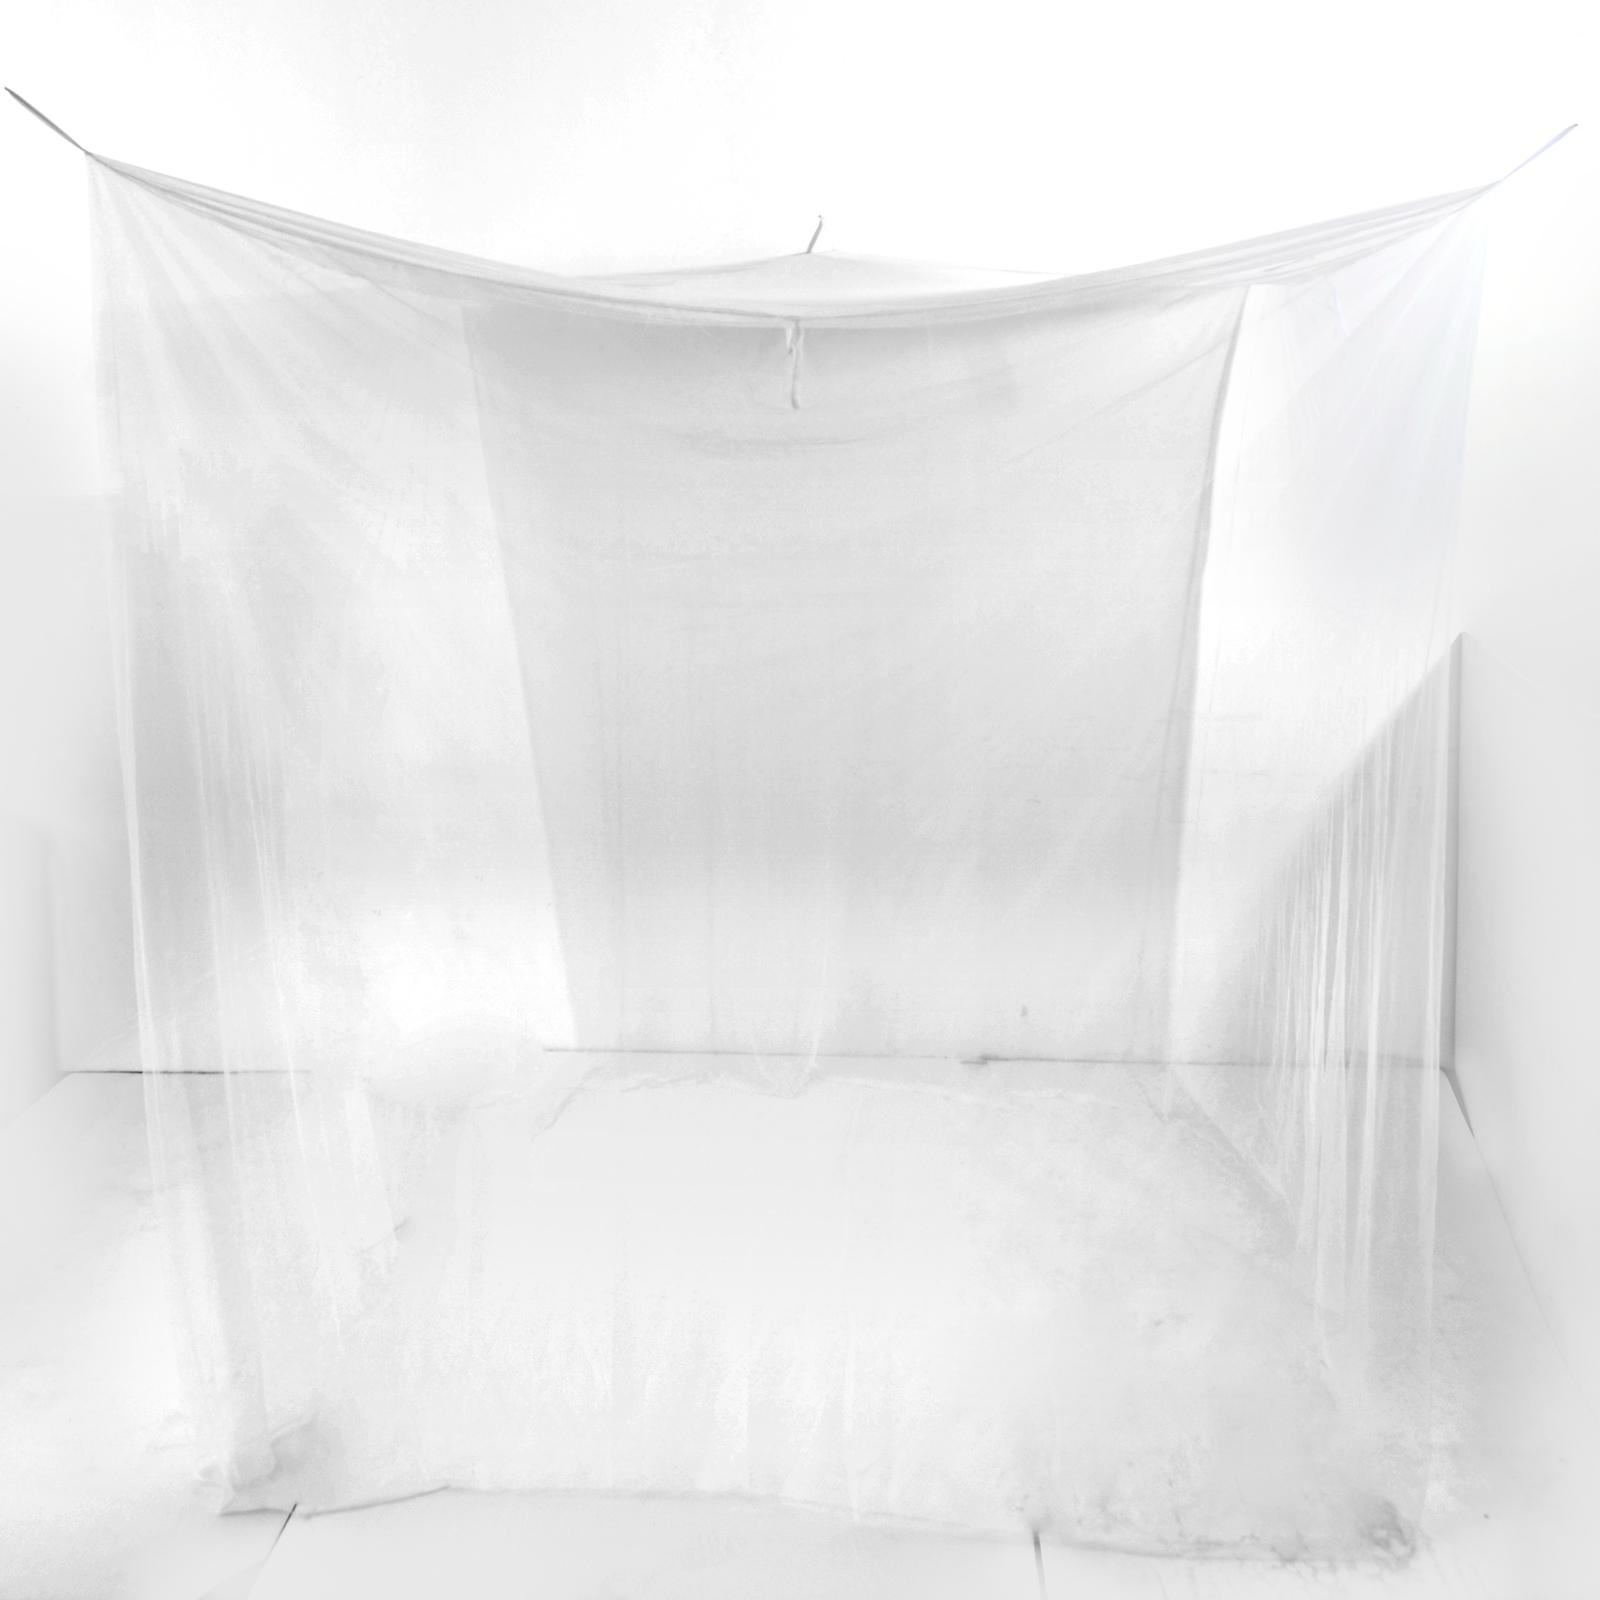 Tenda zanzariera riquadrante da letto rete protezione anti - Zanzariera da letto ikea ...